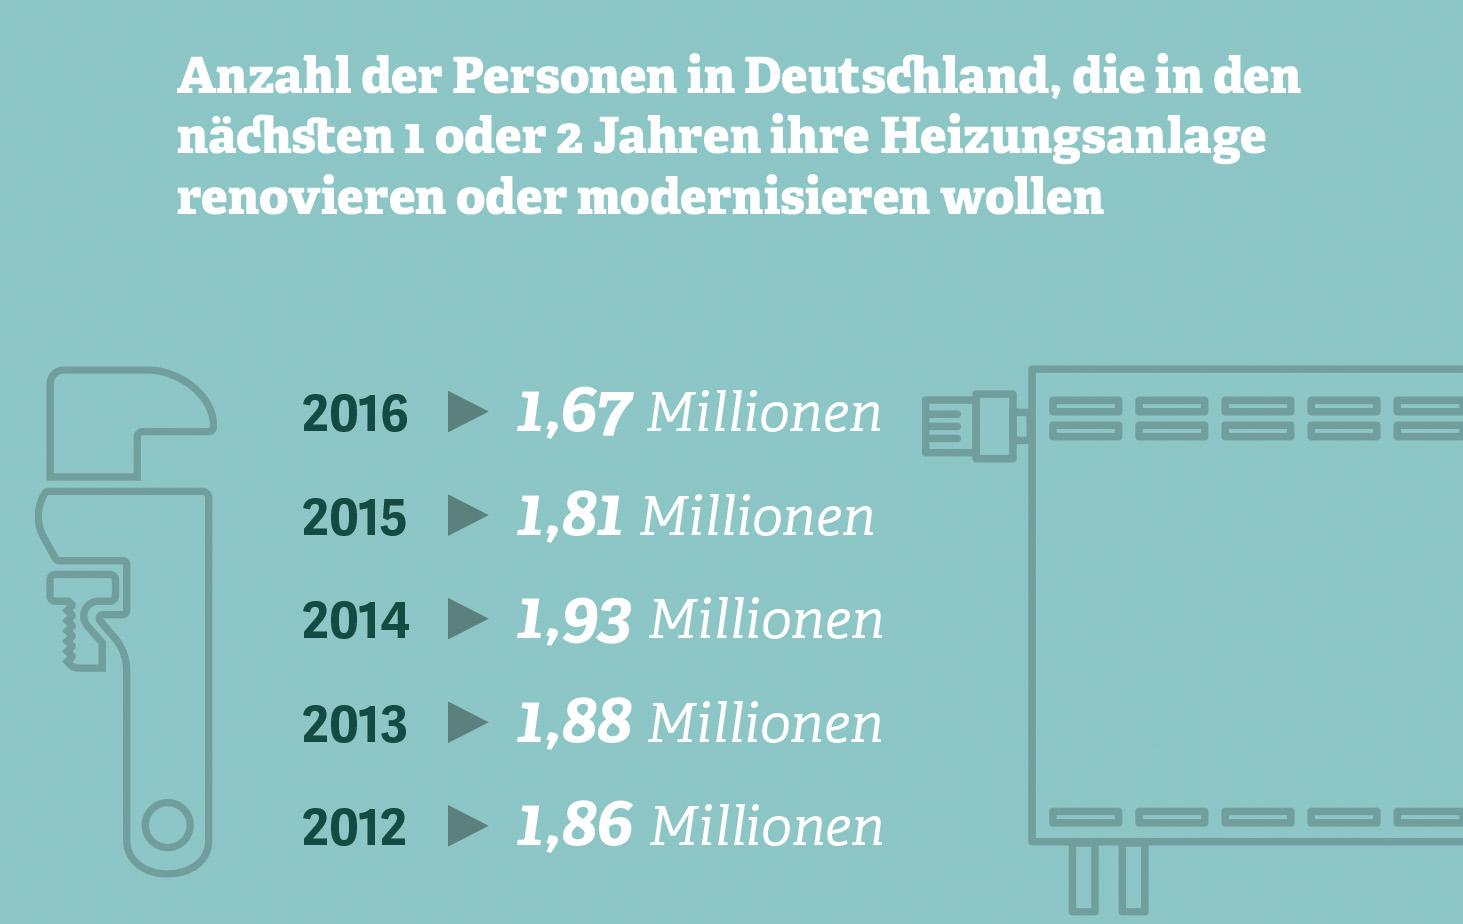 Grafik zur Einstellung der Deutschen zur Renovierung und Modernisierung der Heizungsanlage bis 2016